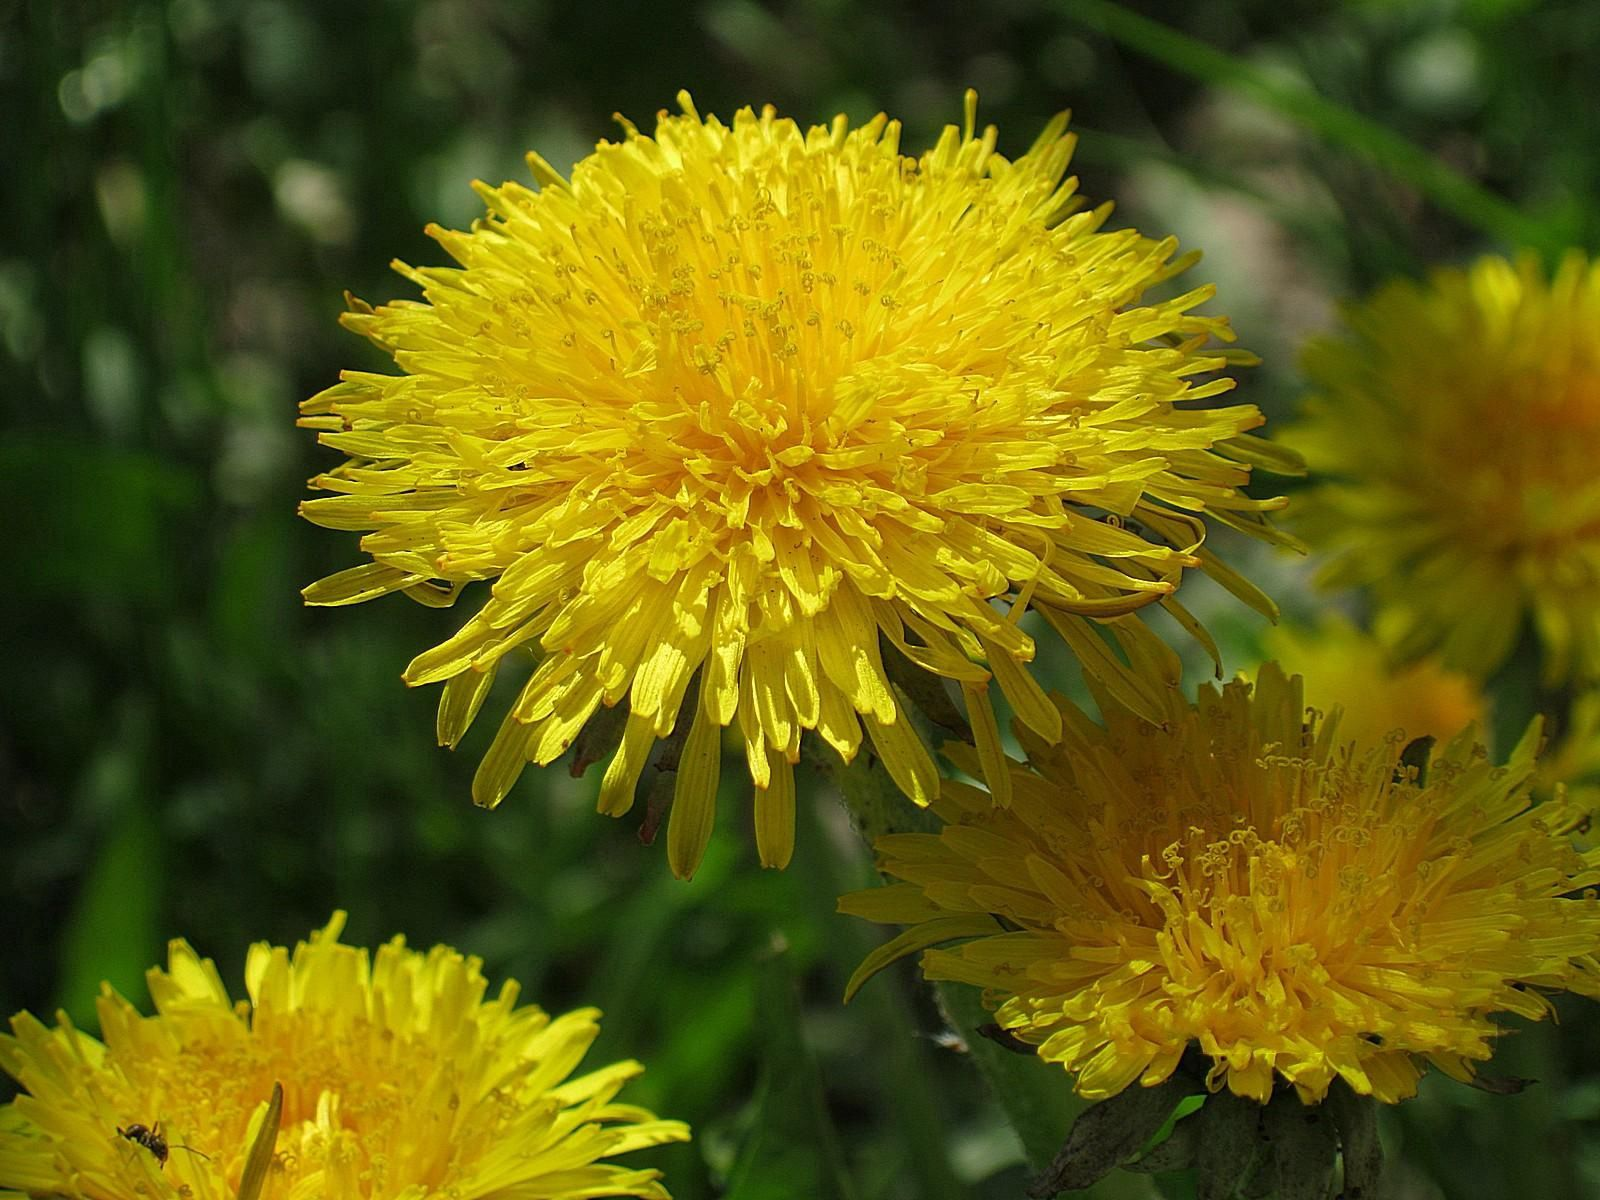 63106 скачать обои Цветы, Одуванчики, Зелень, Насекомое, Ярко, Солнечно - заставки и картинки бесплатно